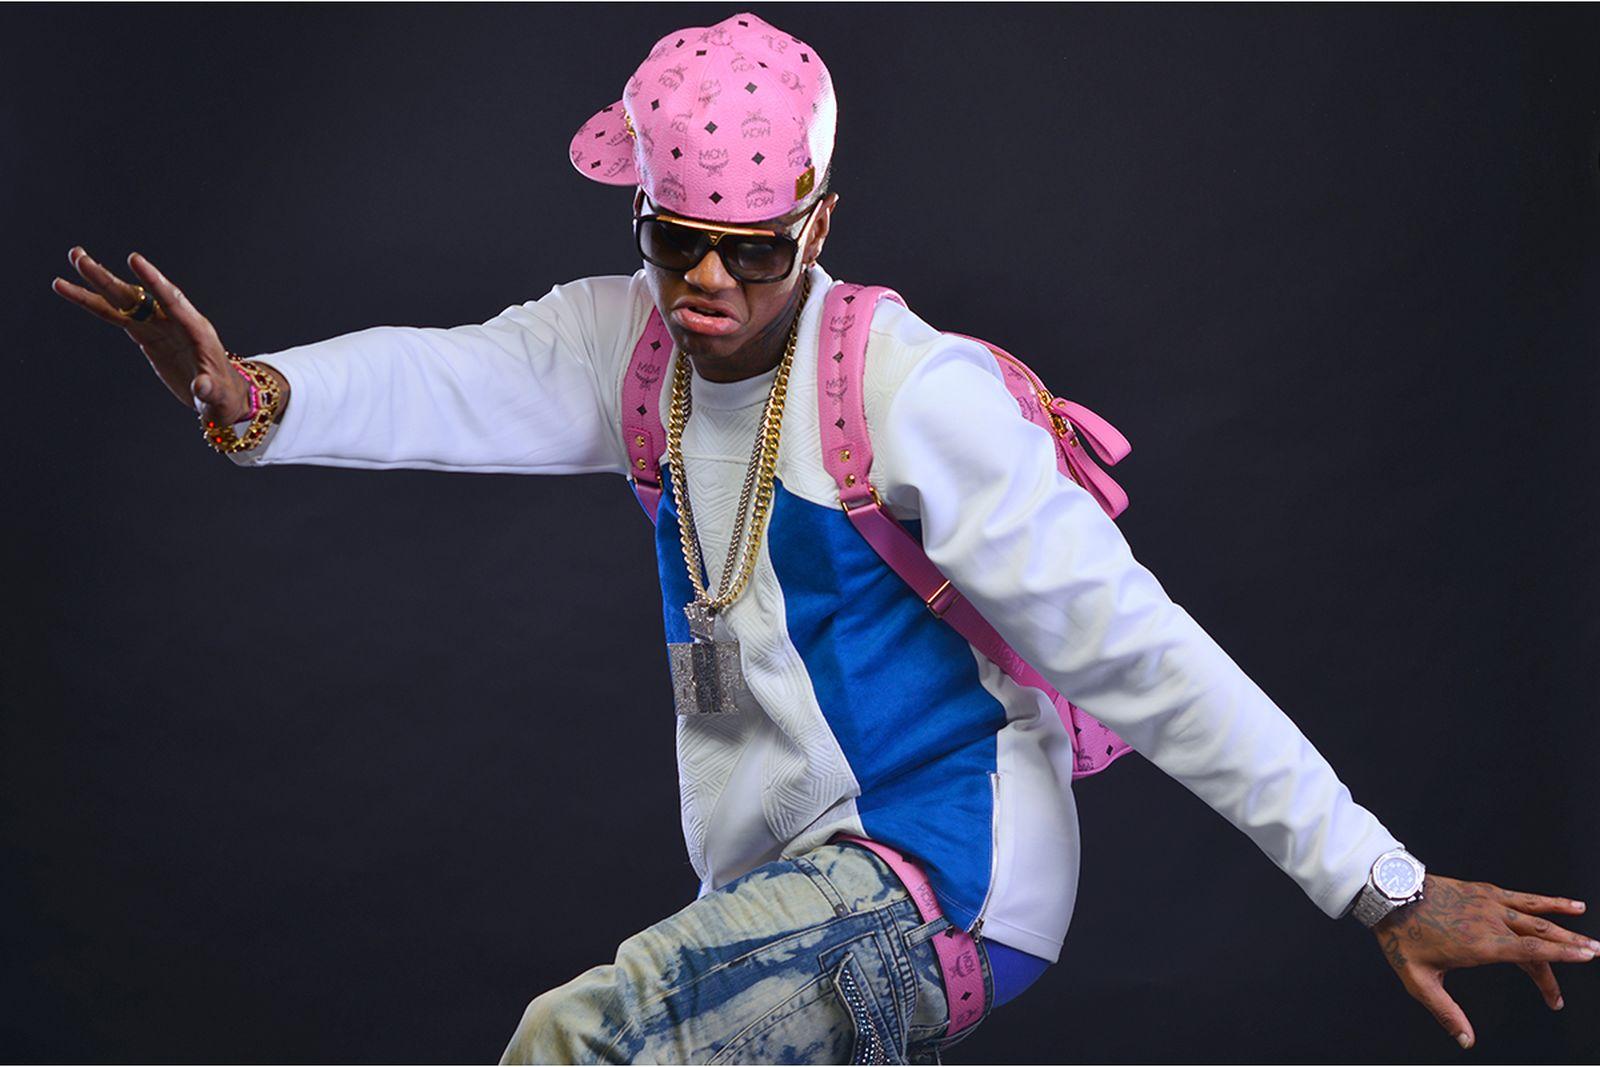 shia labeouf rapper lil yachty shia lebeouf soulja boy